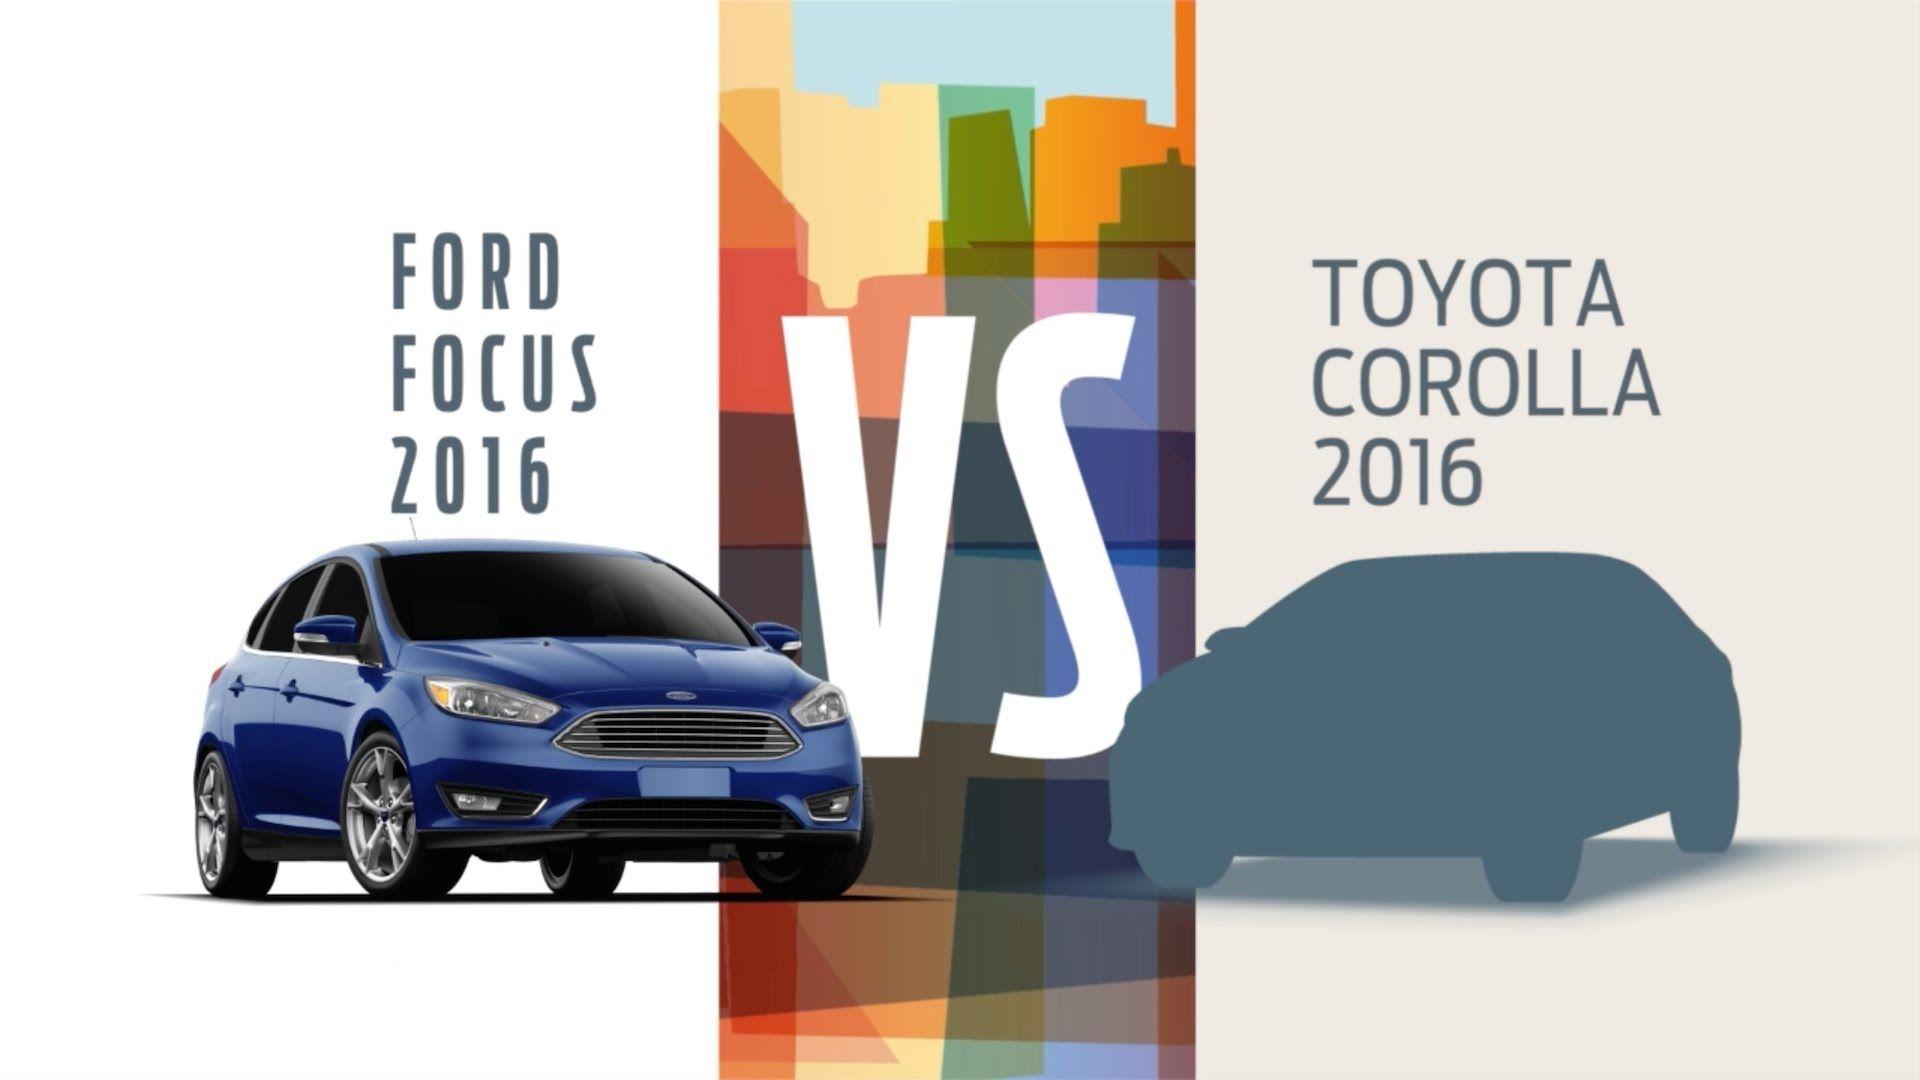 Pensando en comprar un Toyota Corolla 2016? Considere el 2016 Ford Focus con su sistema de información de puntos ciegos, iluminación ambiental, y asistencia de estacionamiento. Cómo se pueden inspirar el diseño - con el Ford Focus.